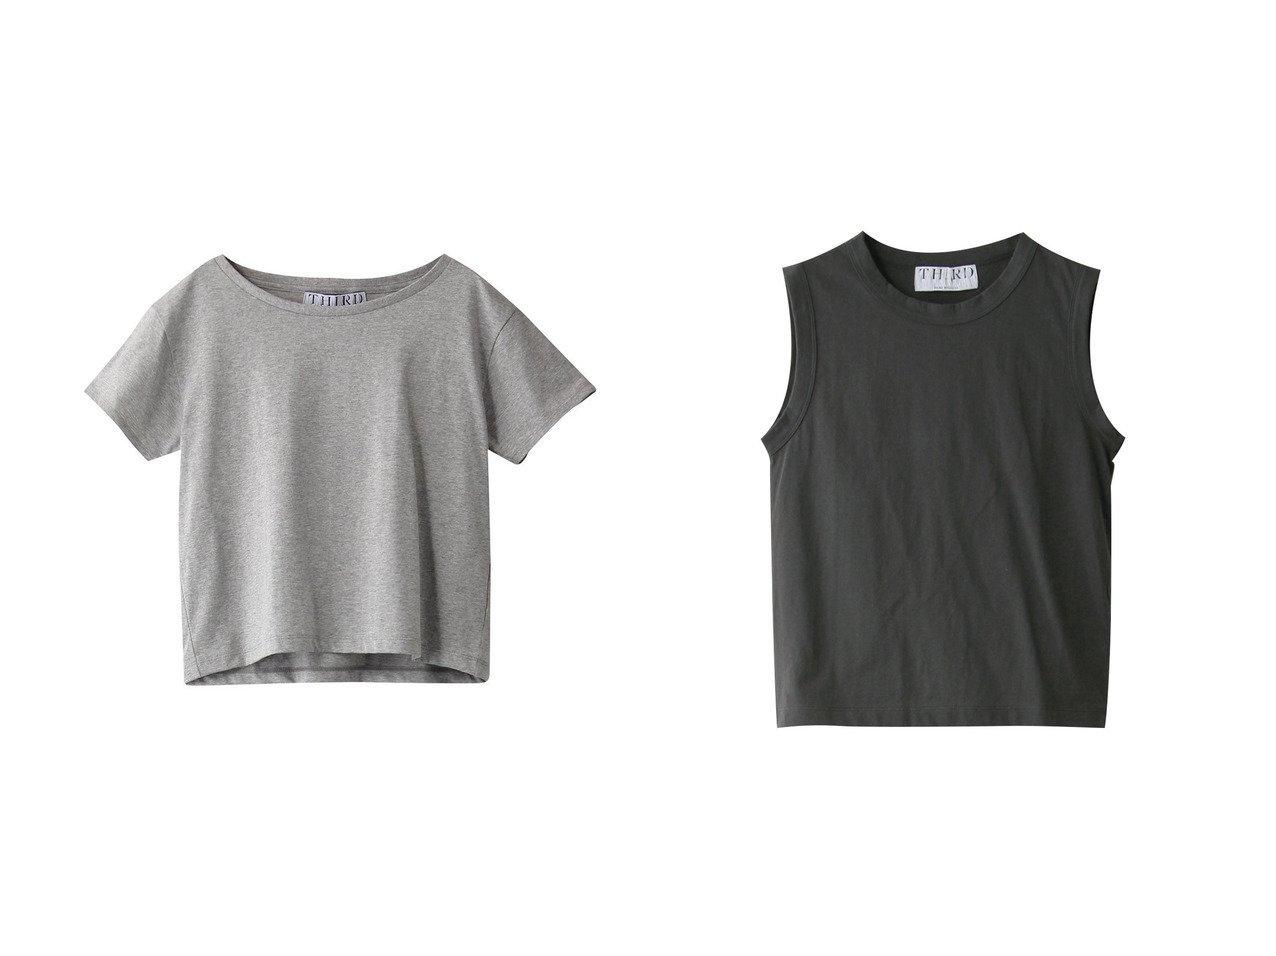 【THIRD MAGAZINE/サードマガジン】の天竺ショートスリーブTシャツ&天竺ノースリーブTシャツ 【トップス・カットソー】おすすめ!人気、トレンド・レディースファッションの通販 おすすめで人気の流行・トレンド、ファッションの通販商品 メンズファッション・キッズファッション・インテリア・家具・レディースファッション・服の通販 founy(ファニー) https://founy.com/ ファッション Fashion レディースファッション WOMEN トップス・カットソー Tops/Tshirt シャツ/ブラウス Shirts/Blouses ロング / Tシャツ T-Shirts カットソー Cut and Sewn キャミソール / ノースリーブ No Sleeves ショート シンプル スリーブ ベーシック 半袖 キャミソール コンパクト タンク ノースリーブ |ID:crp329100000033759